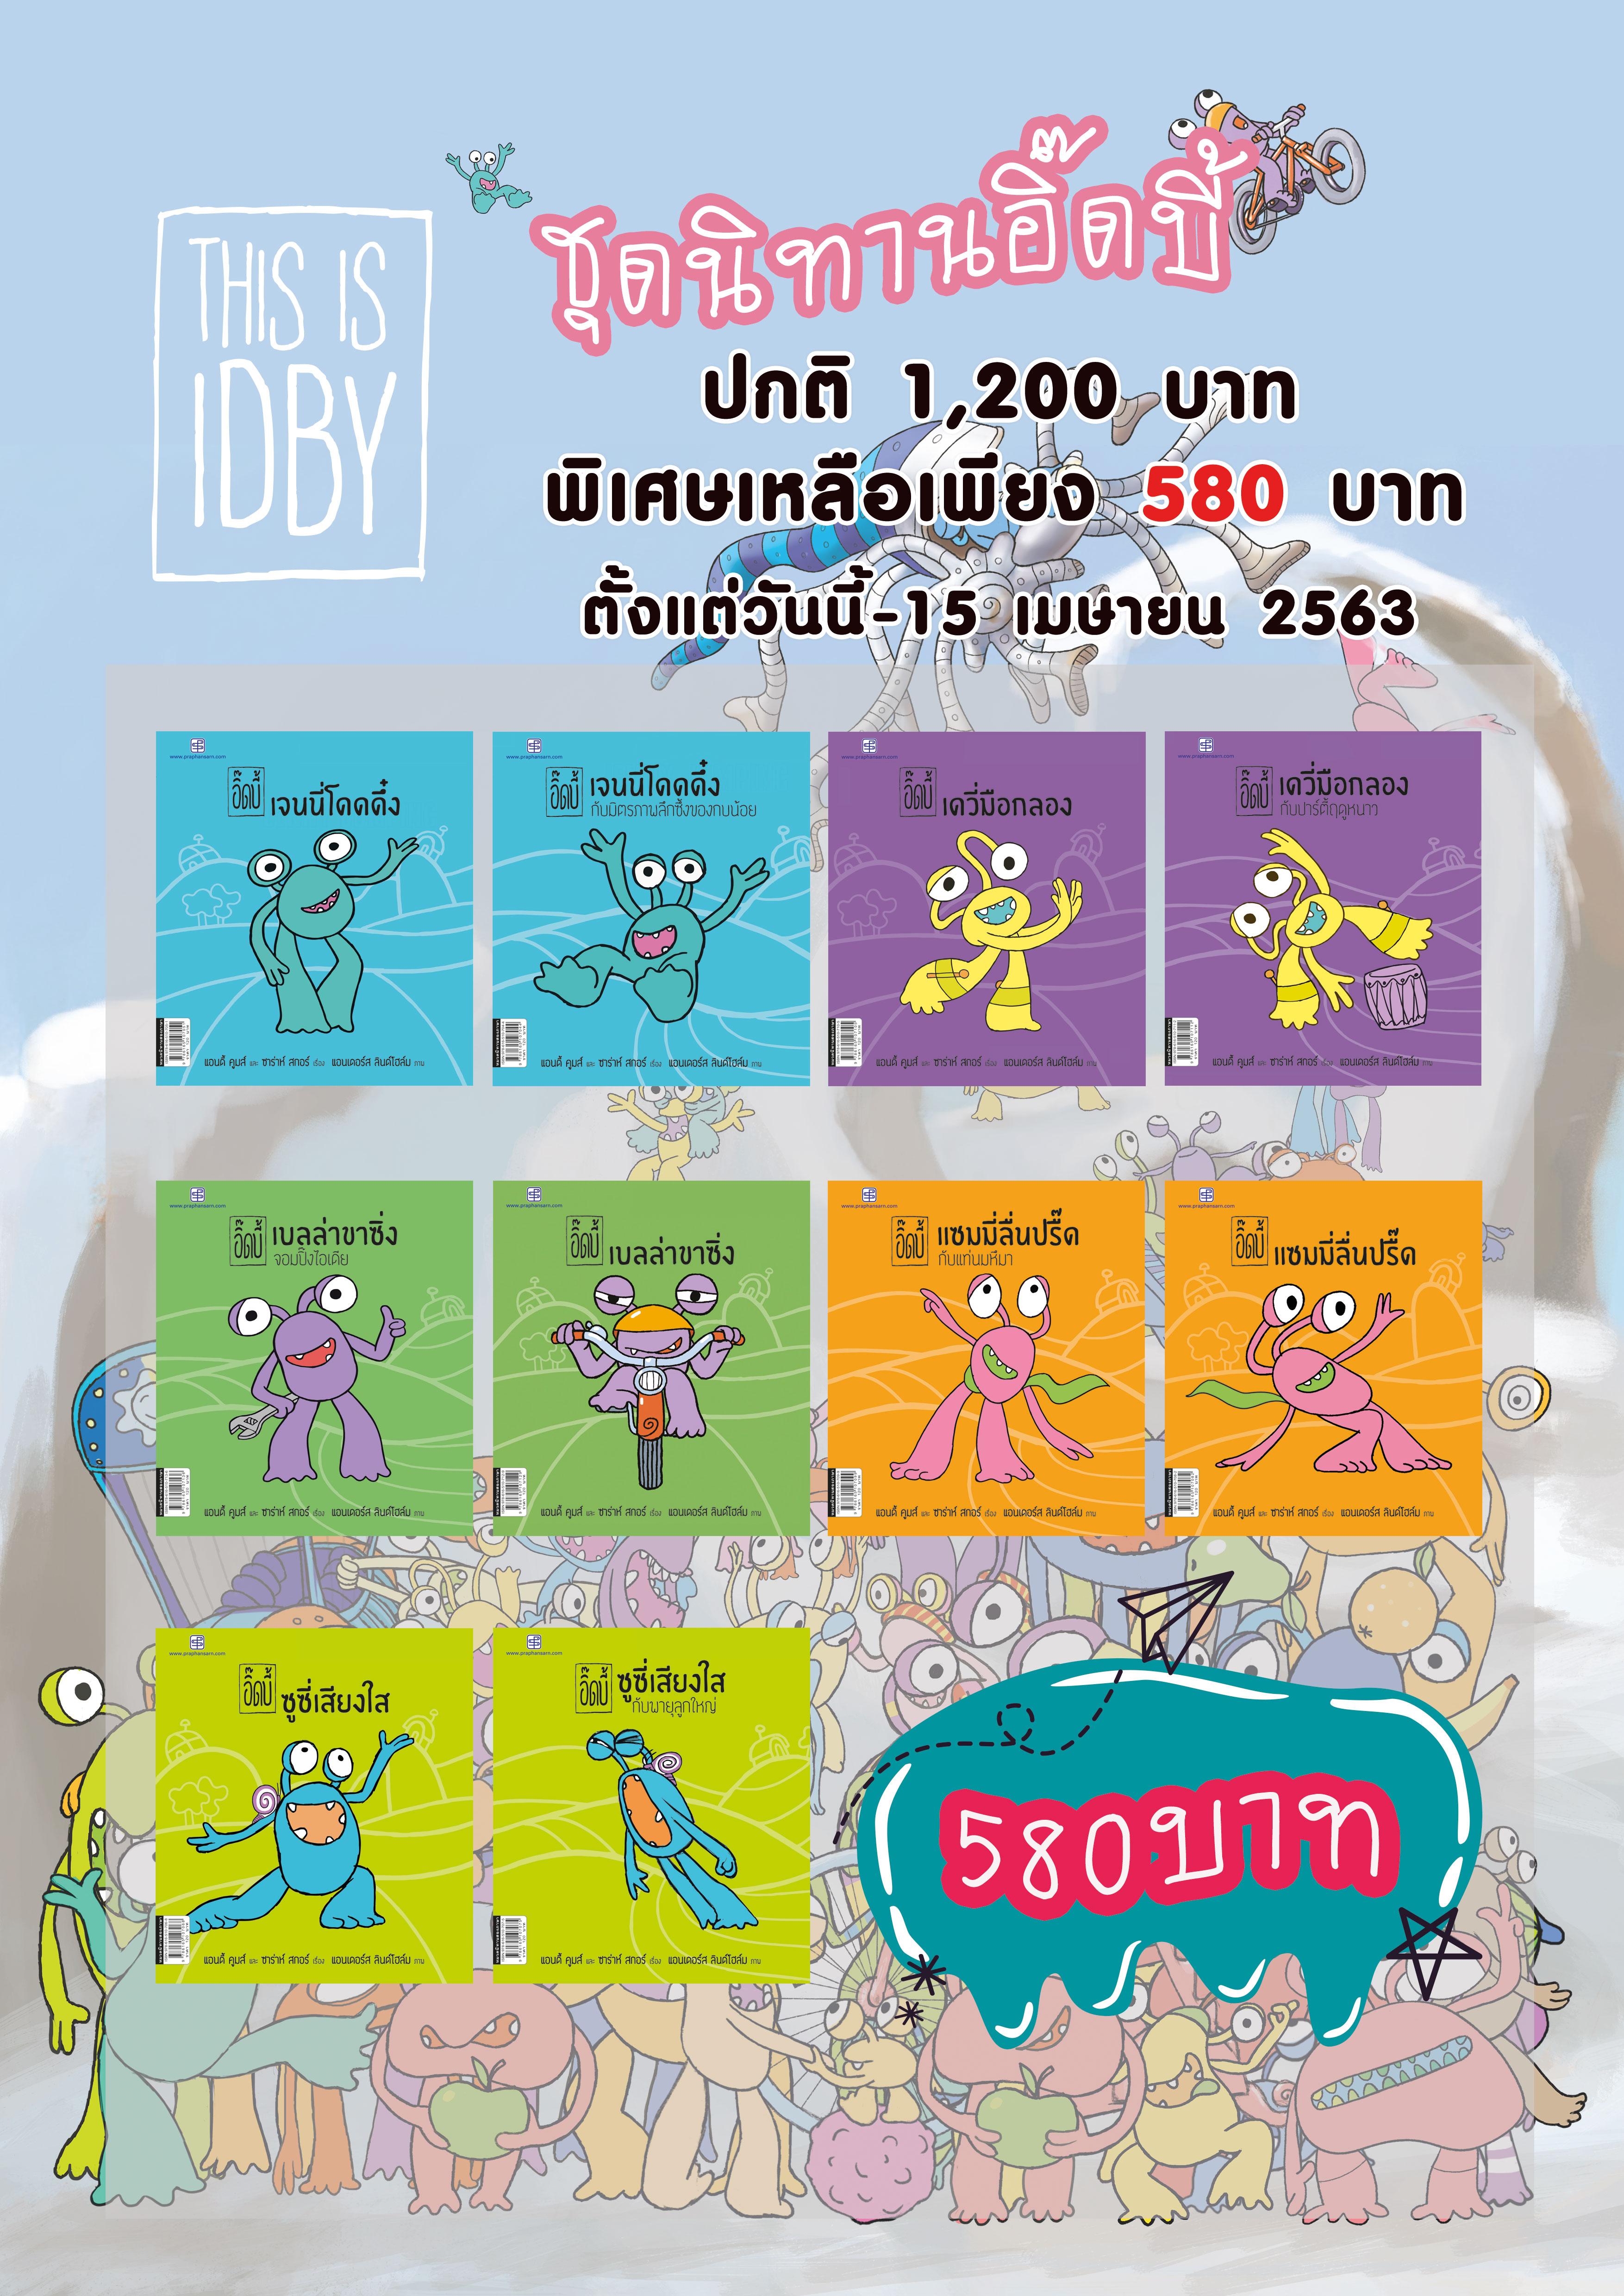 หนังสือนิทานสองภาษาชุด IDBY (ไทย-อังกฤษ)